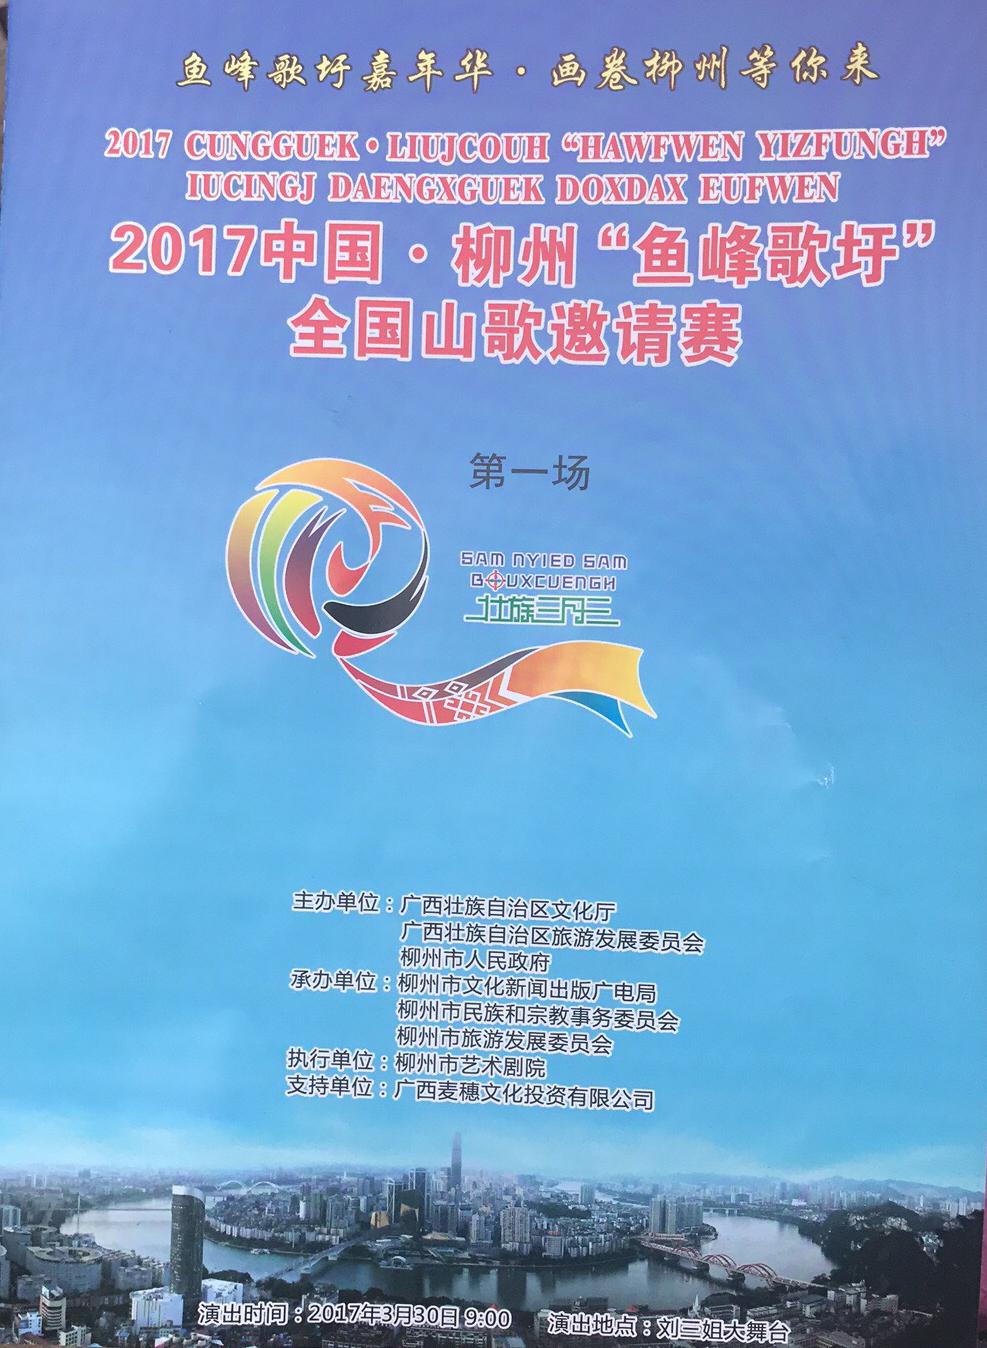 2017中国?柳州全国山歌邀请赛